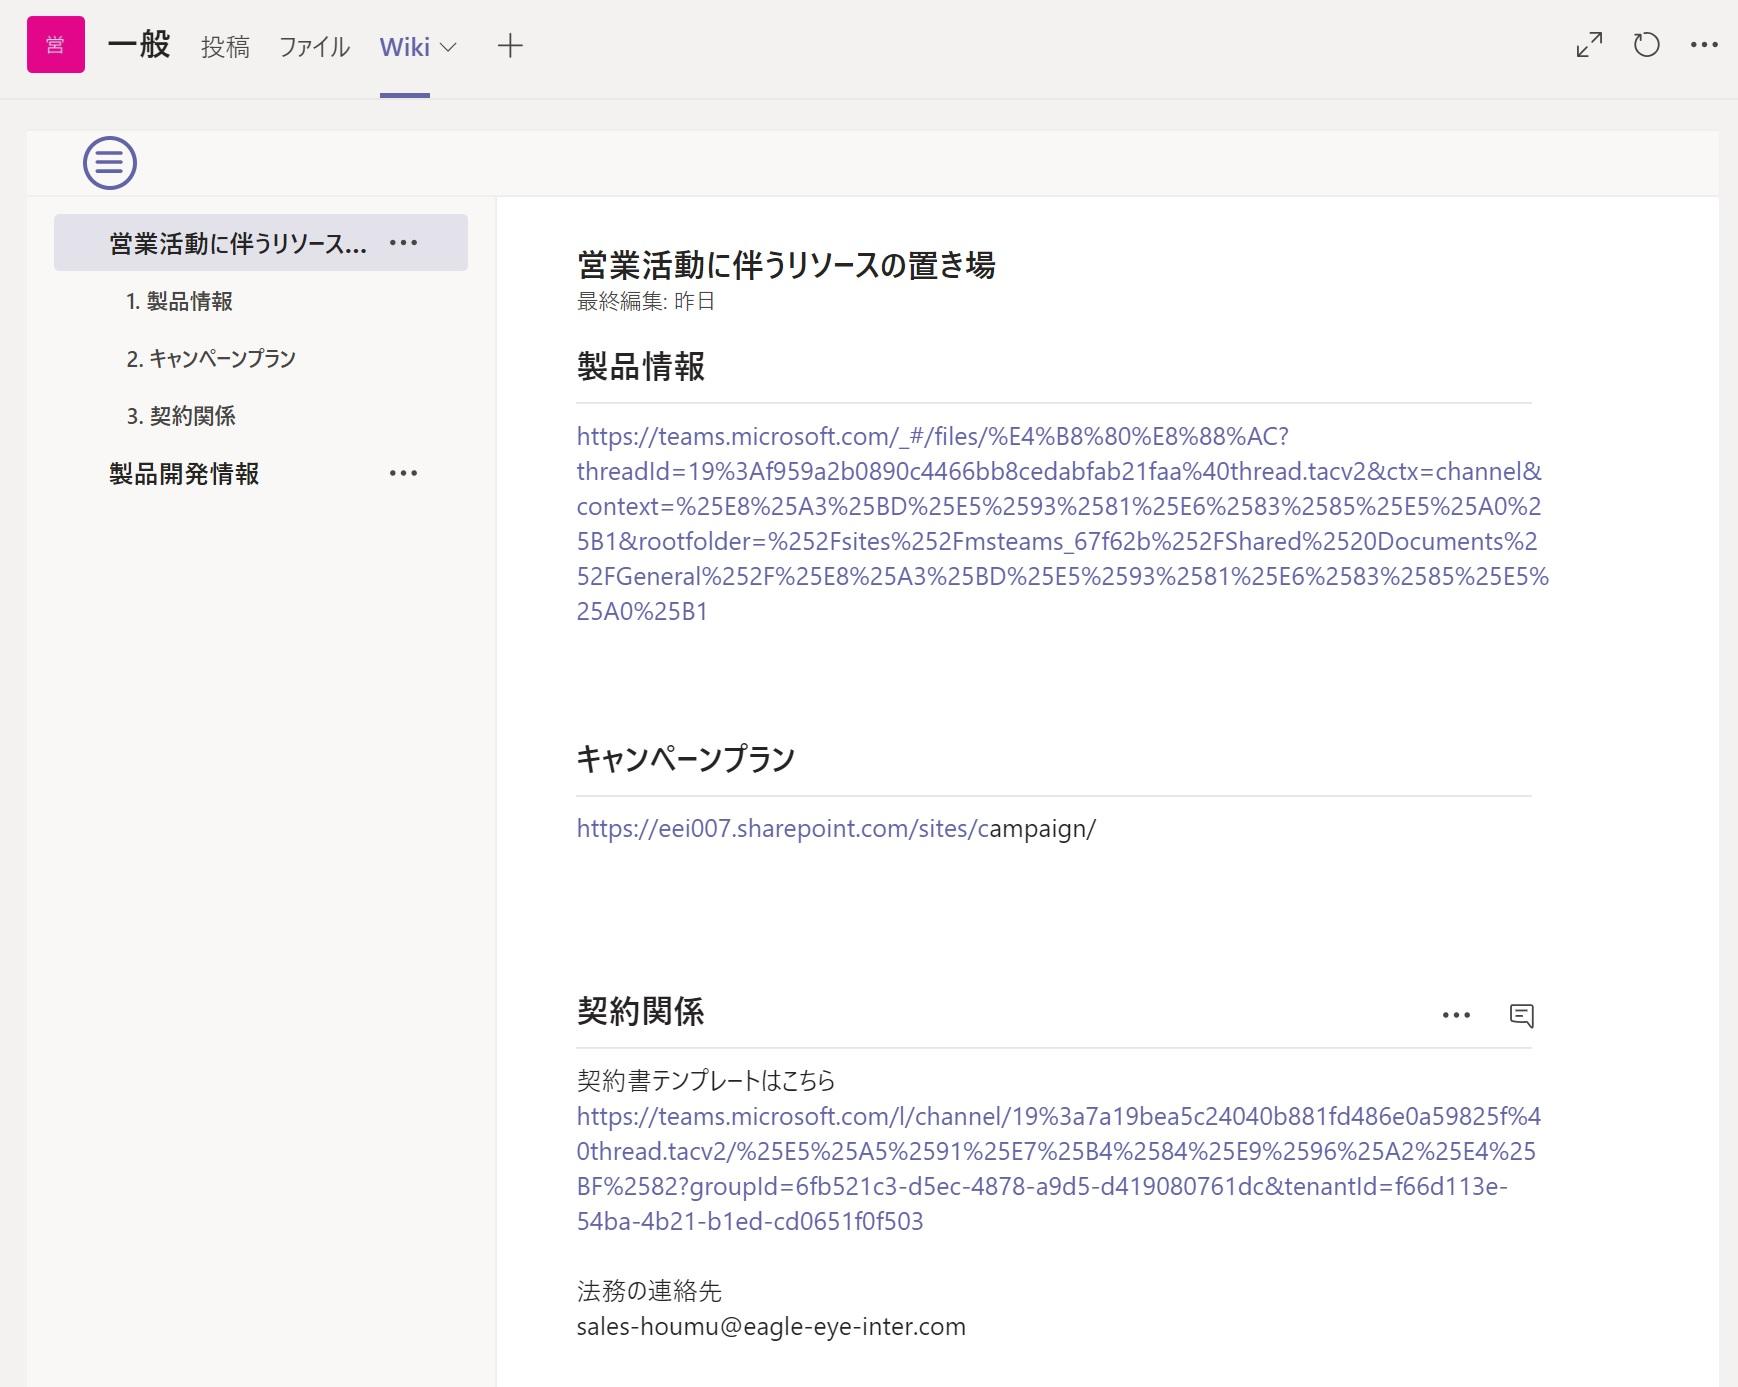 Teams のチャネルの Wiki